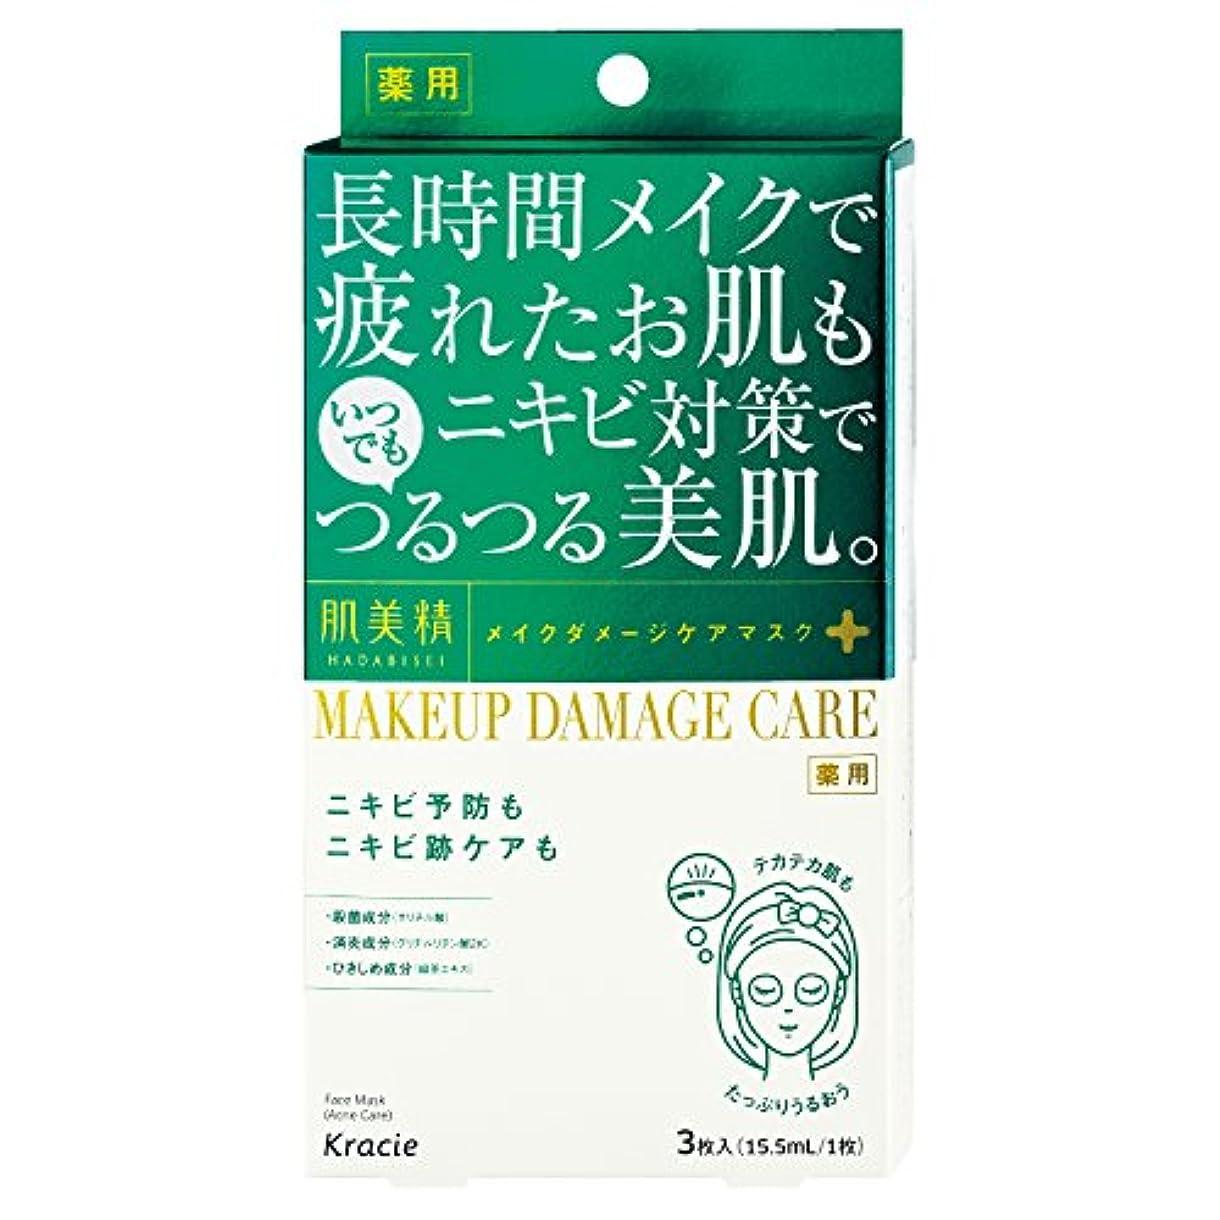 摩擦影響取り組む肌美精 ビューティーケアマスク(ニキビ) [医薬部外品] 3枚